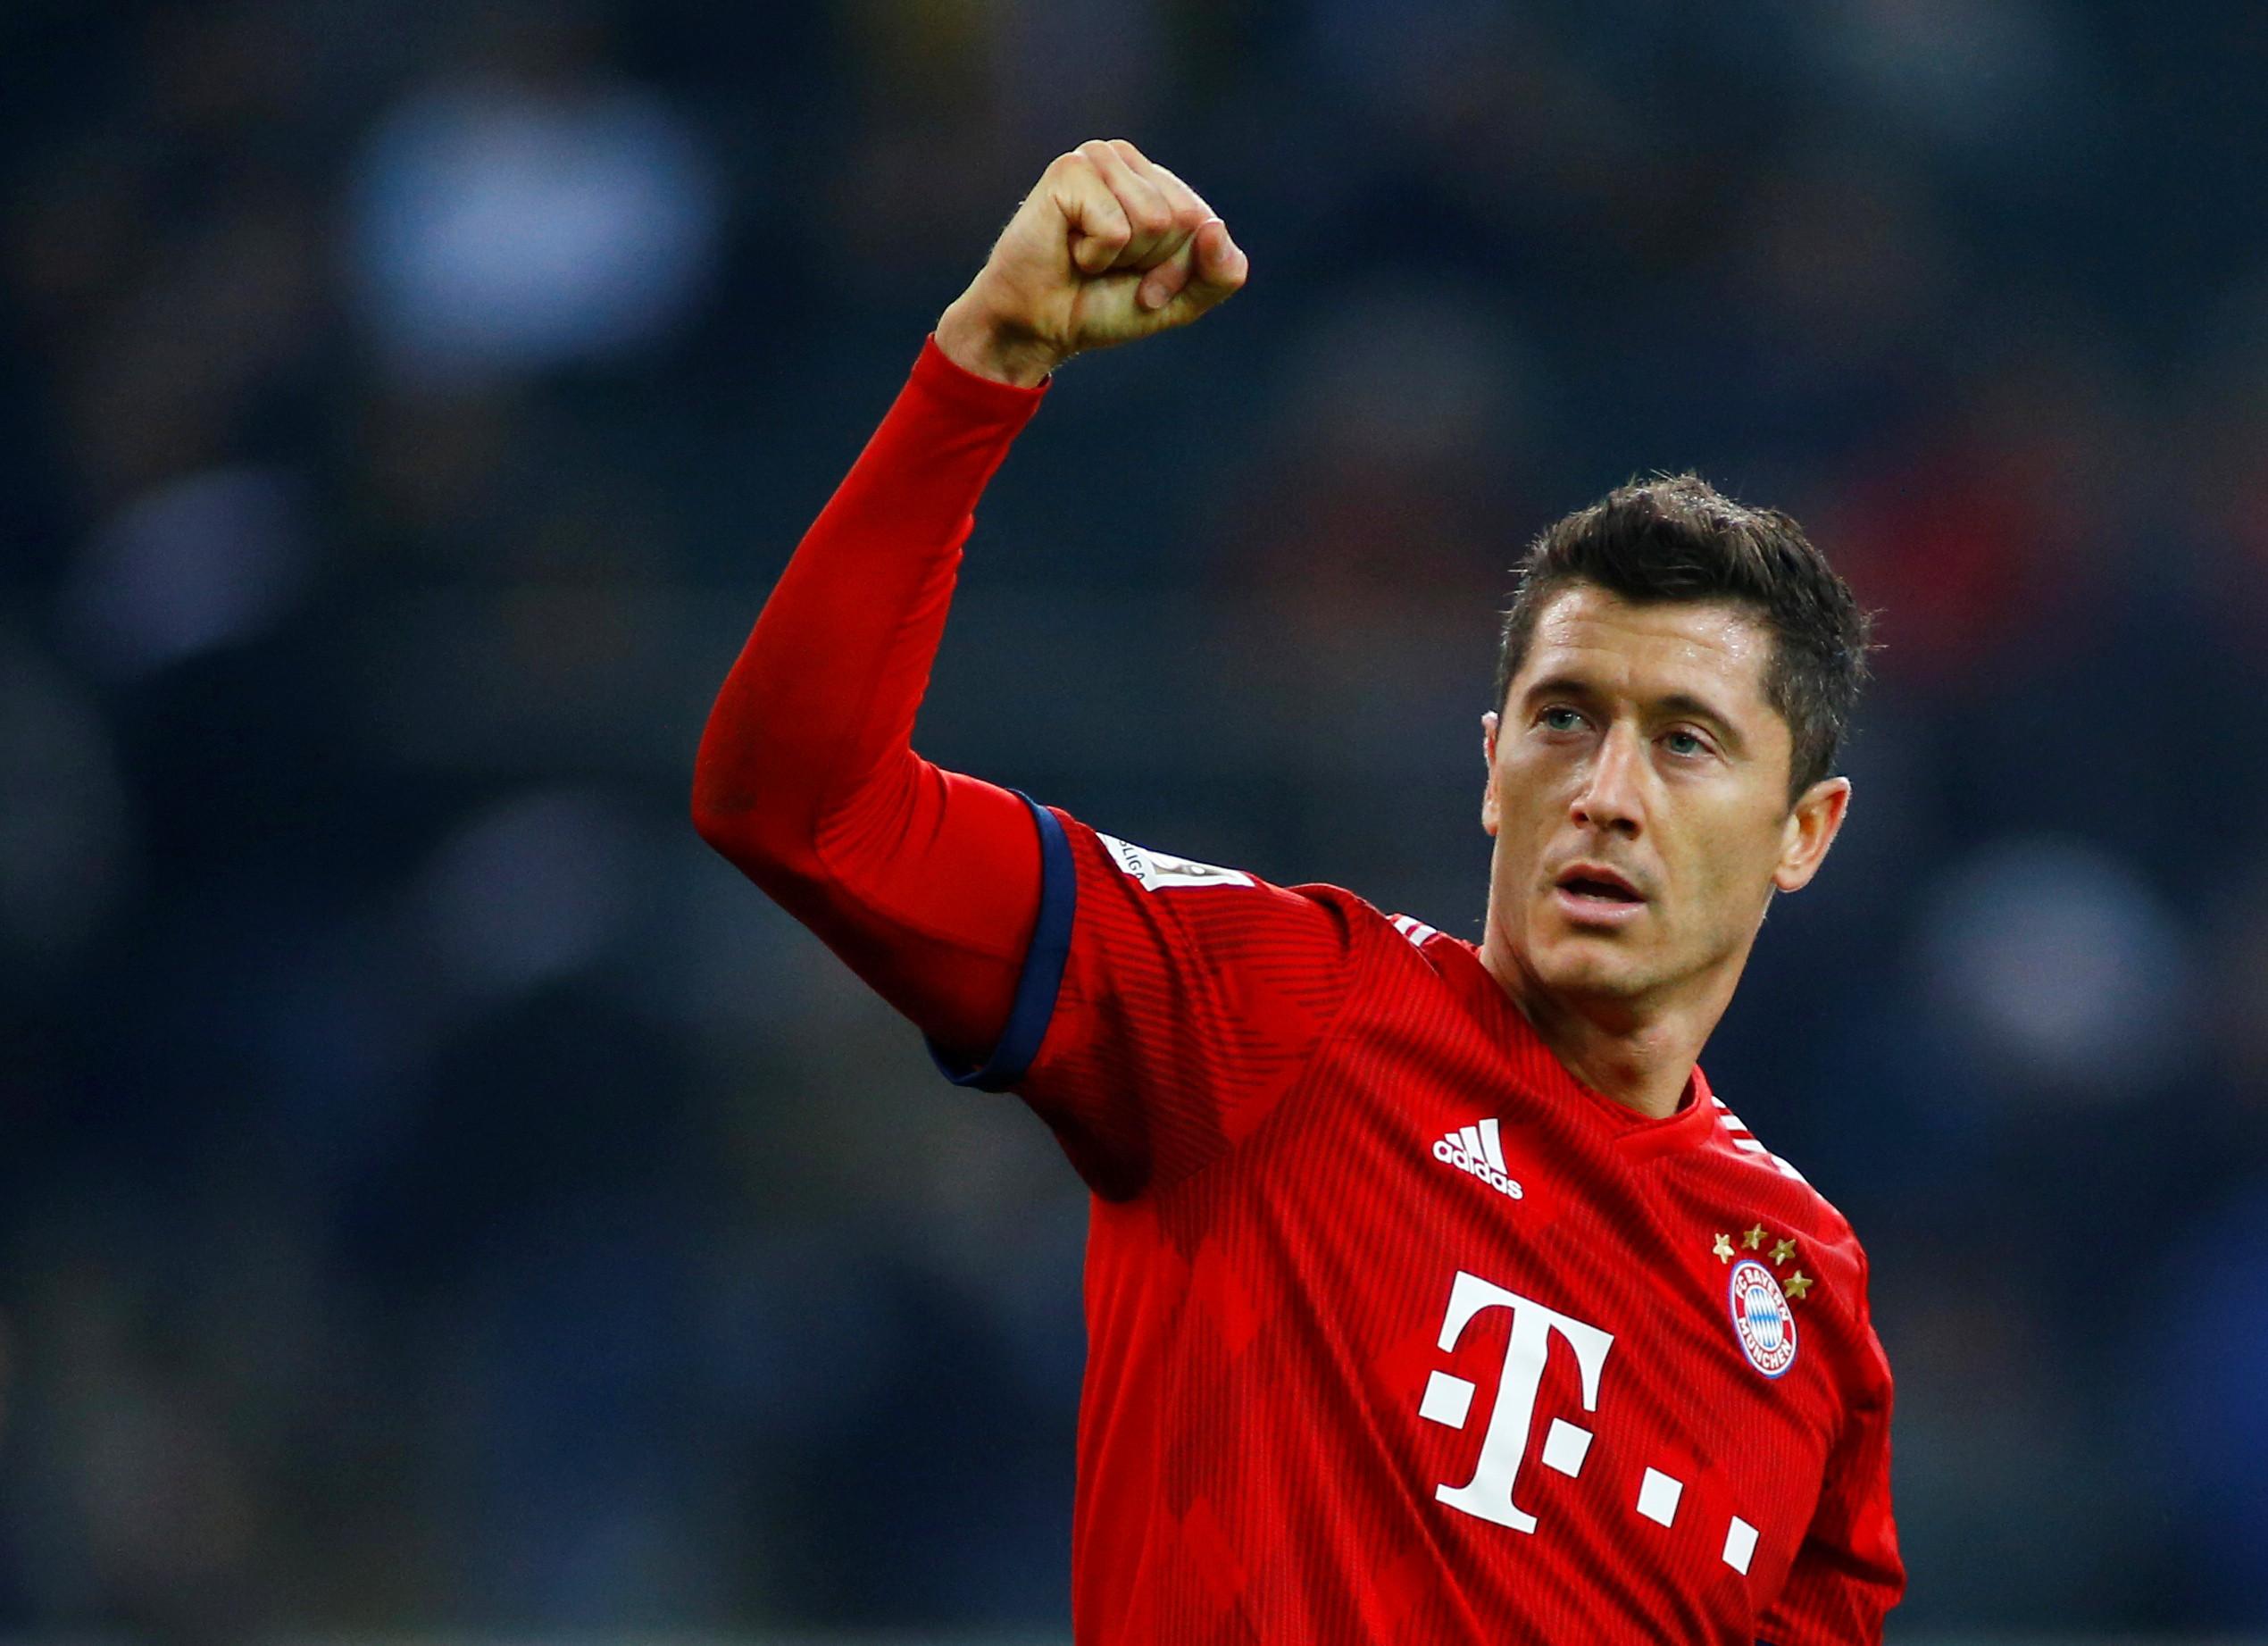 Lewandowski entrou para a história da Bundesliga